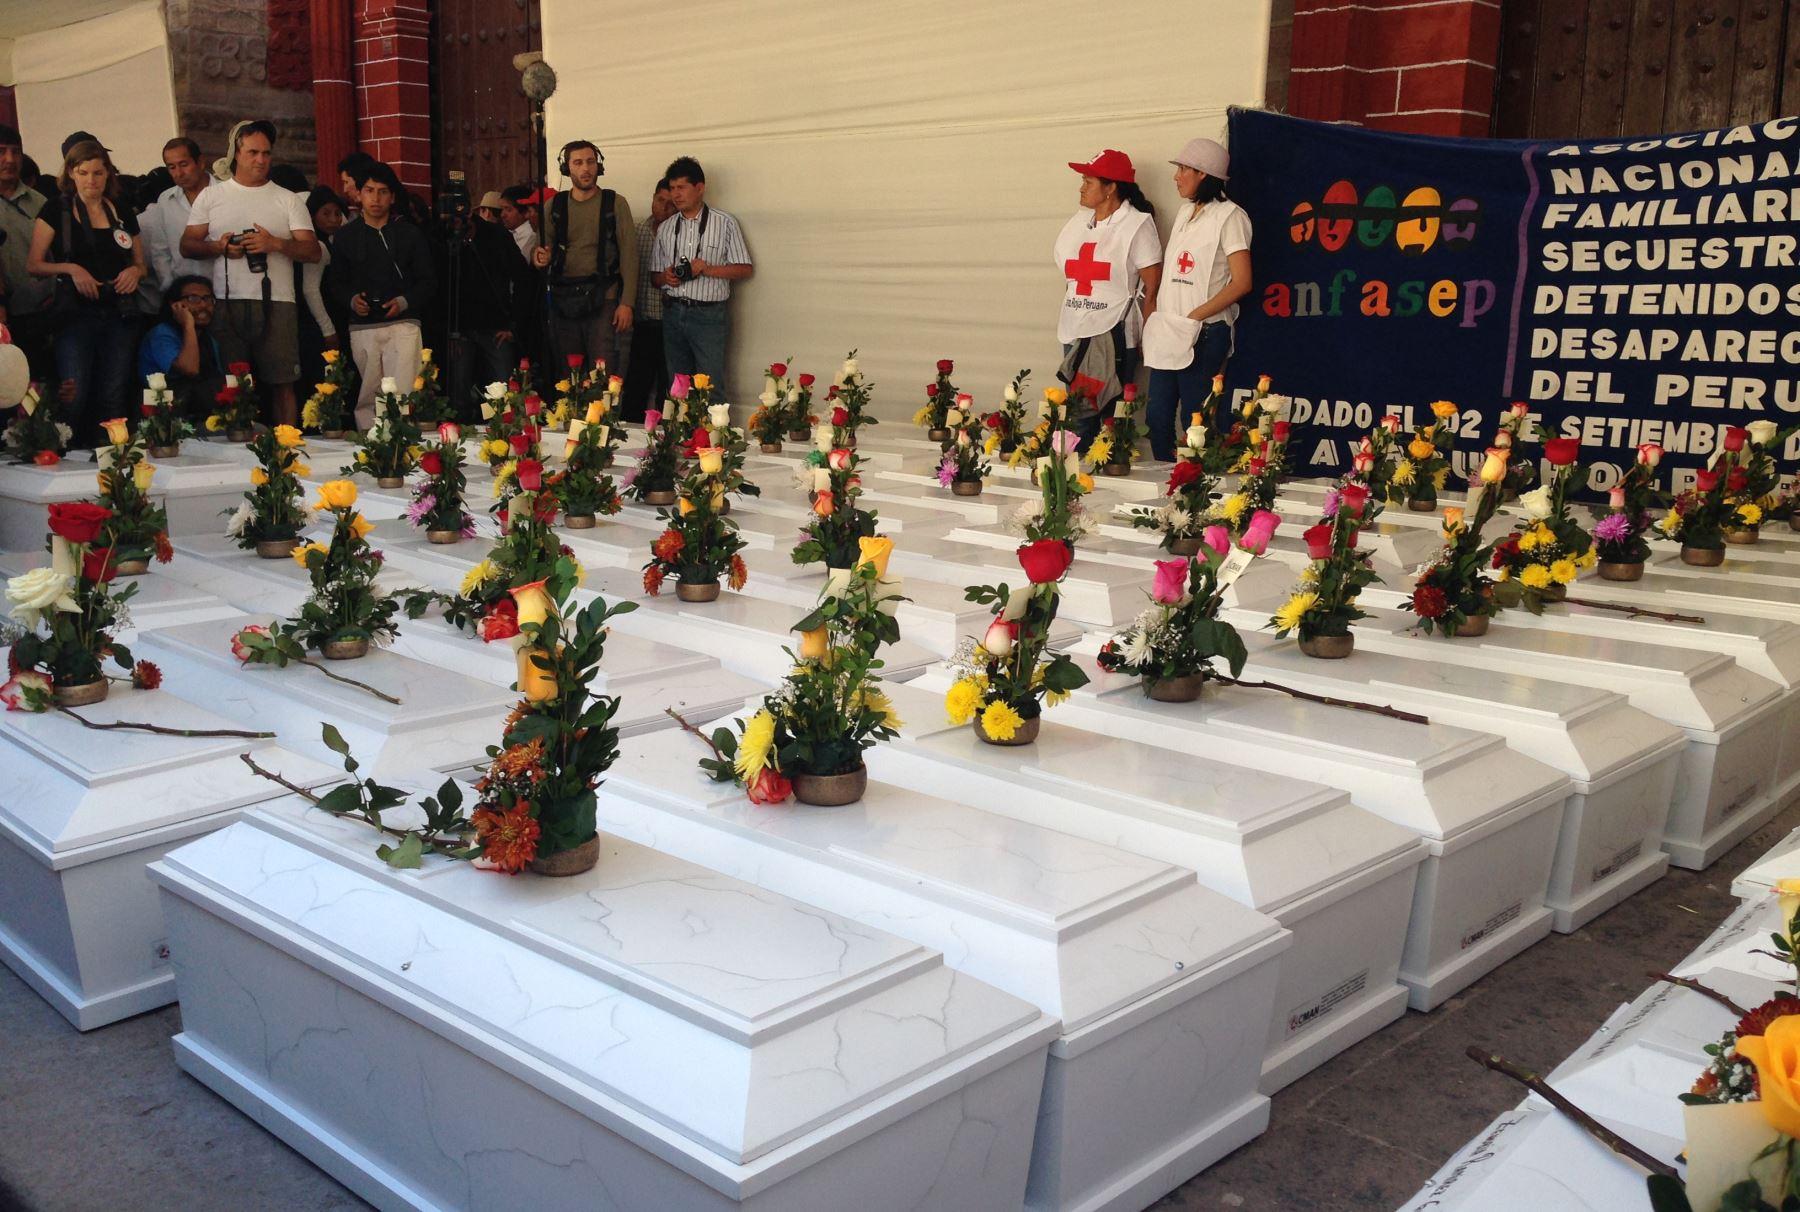 Deudos recuperan cuerpos de víctimas de la violencia después de 30 años. Foto: INTERNET/Medios.